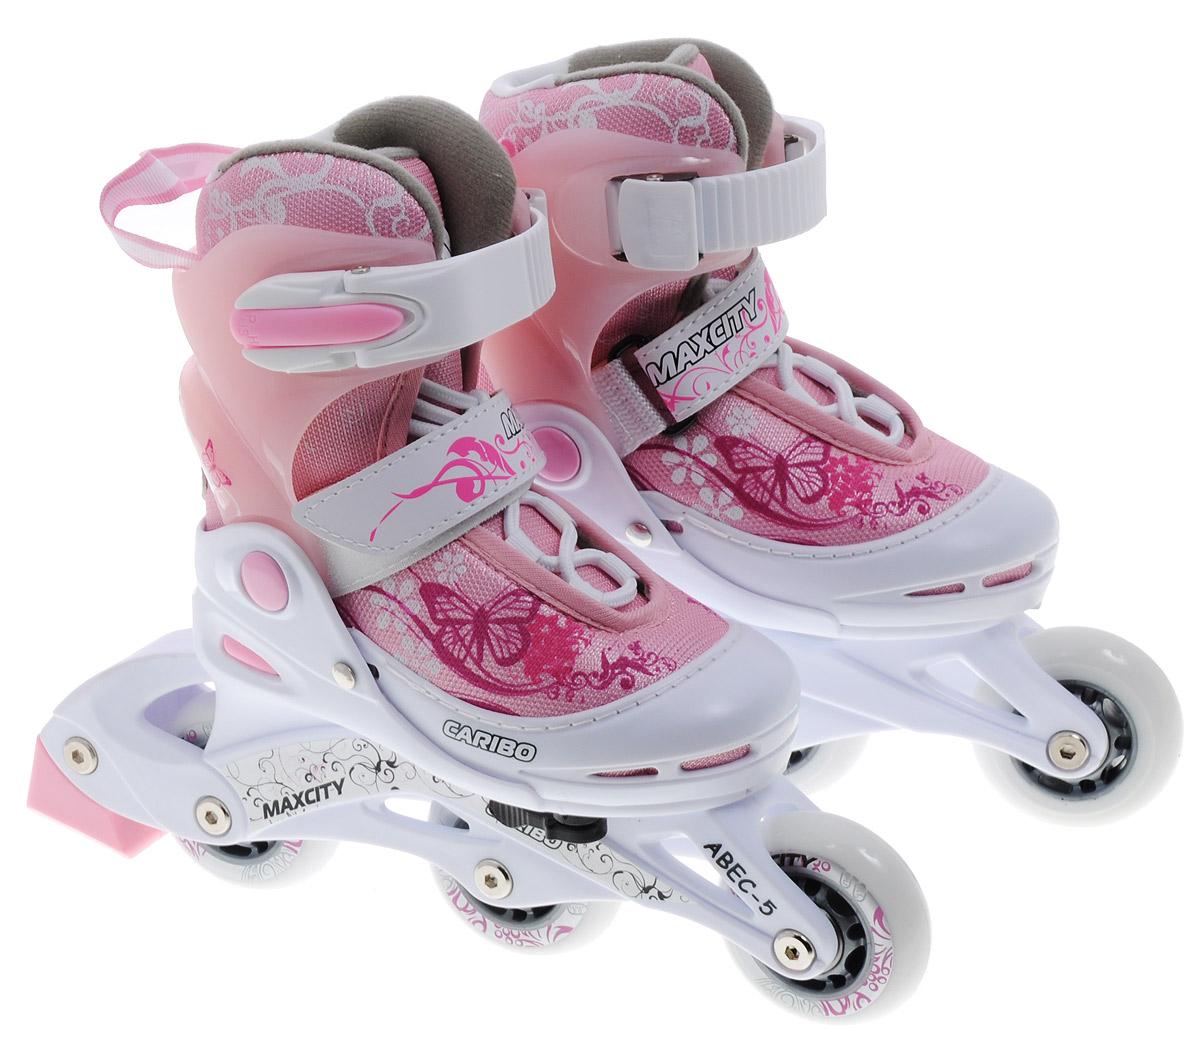 Комплект MaxCity Caribo Combo Girl: коньки роликовые раздвижные, защита, шлем, цвет: розовый, белый. Размер 30/33